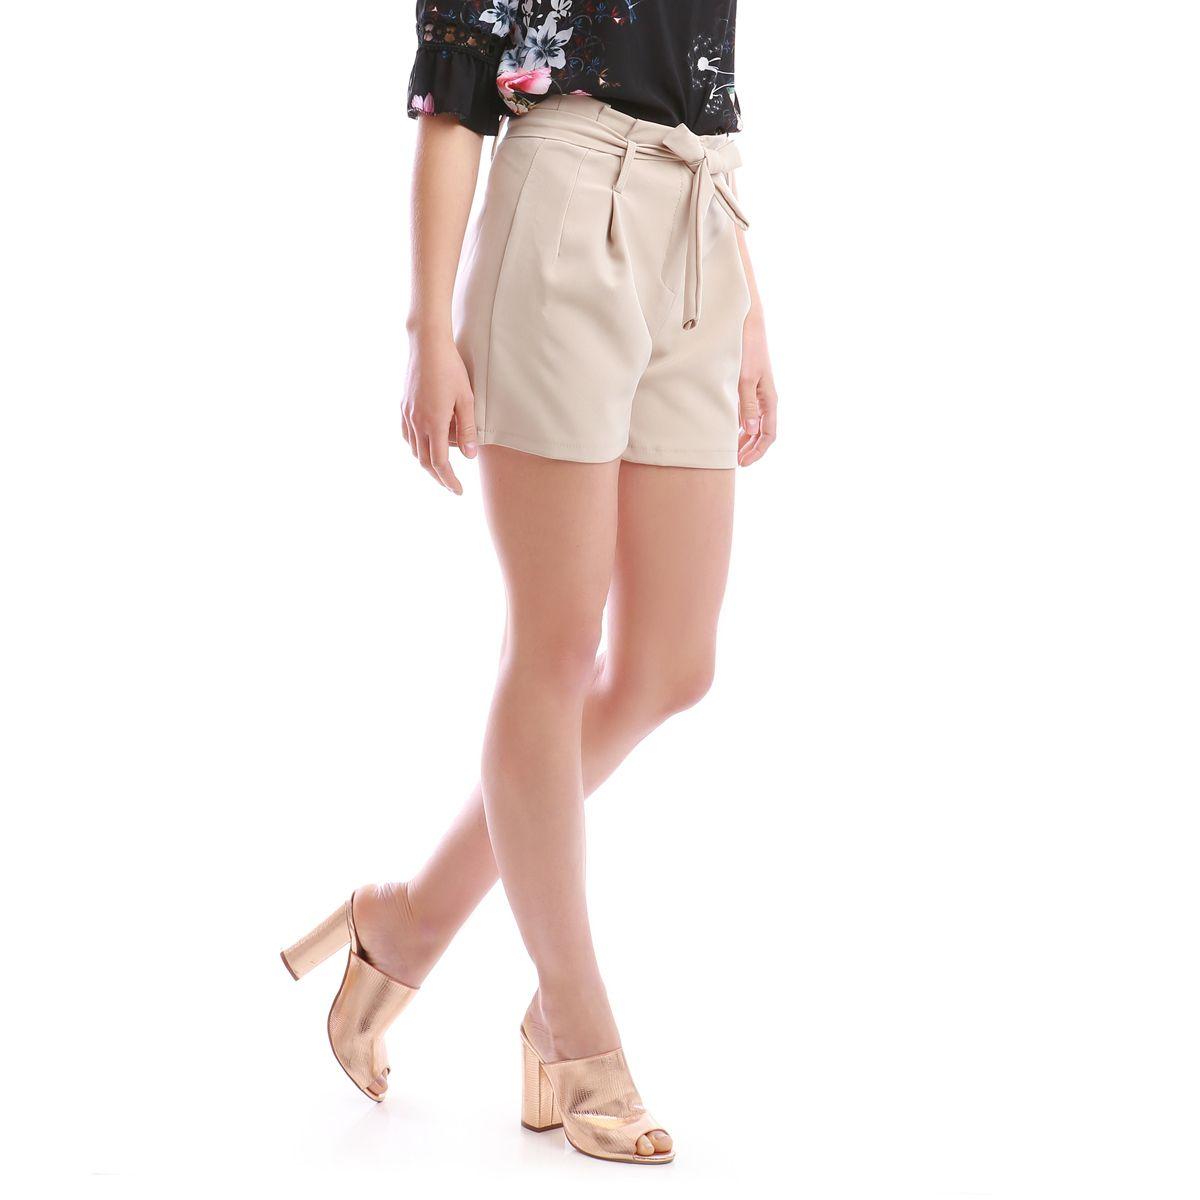 Short femme taille haute pas cher - Vetement fitness et mode 6dde146b201